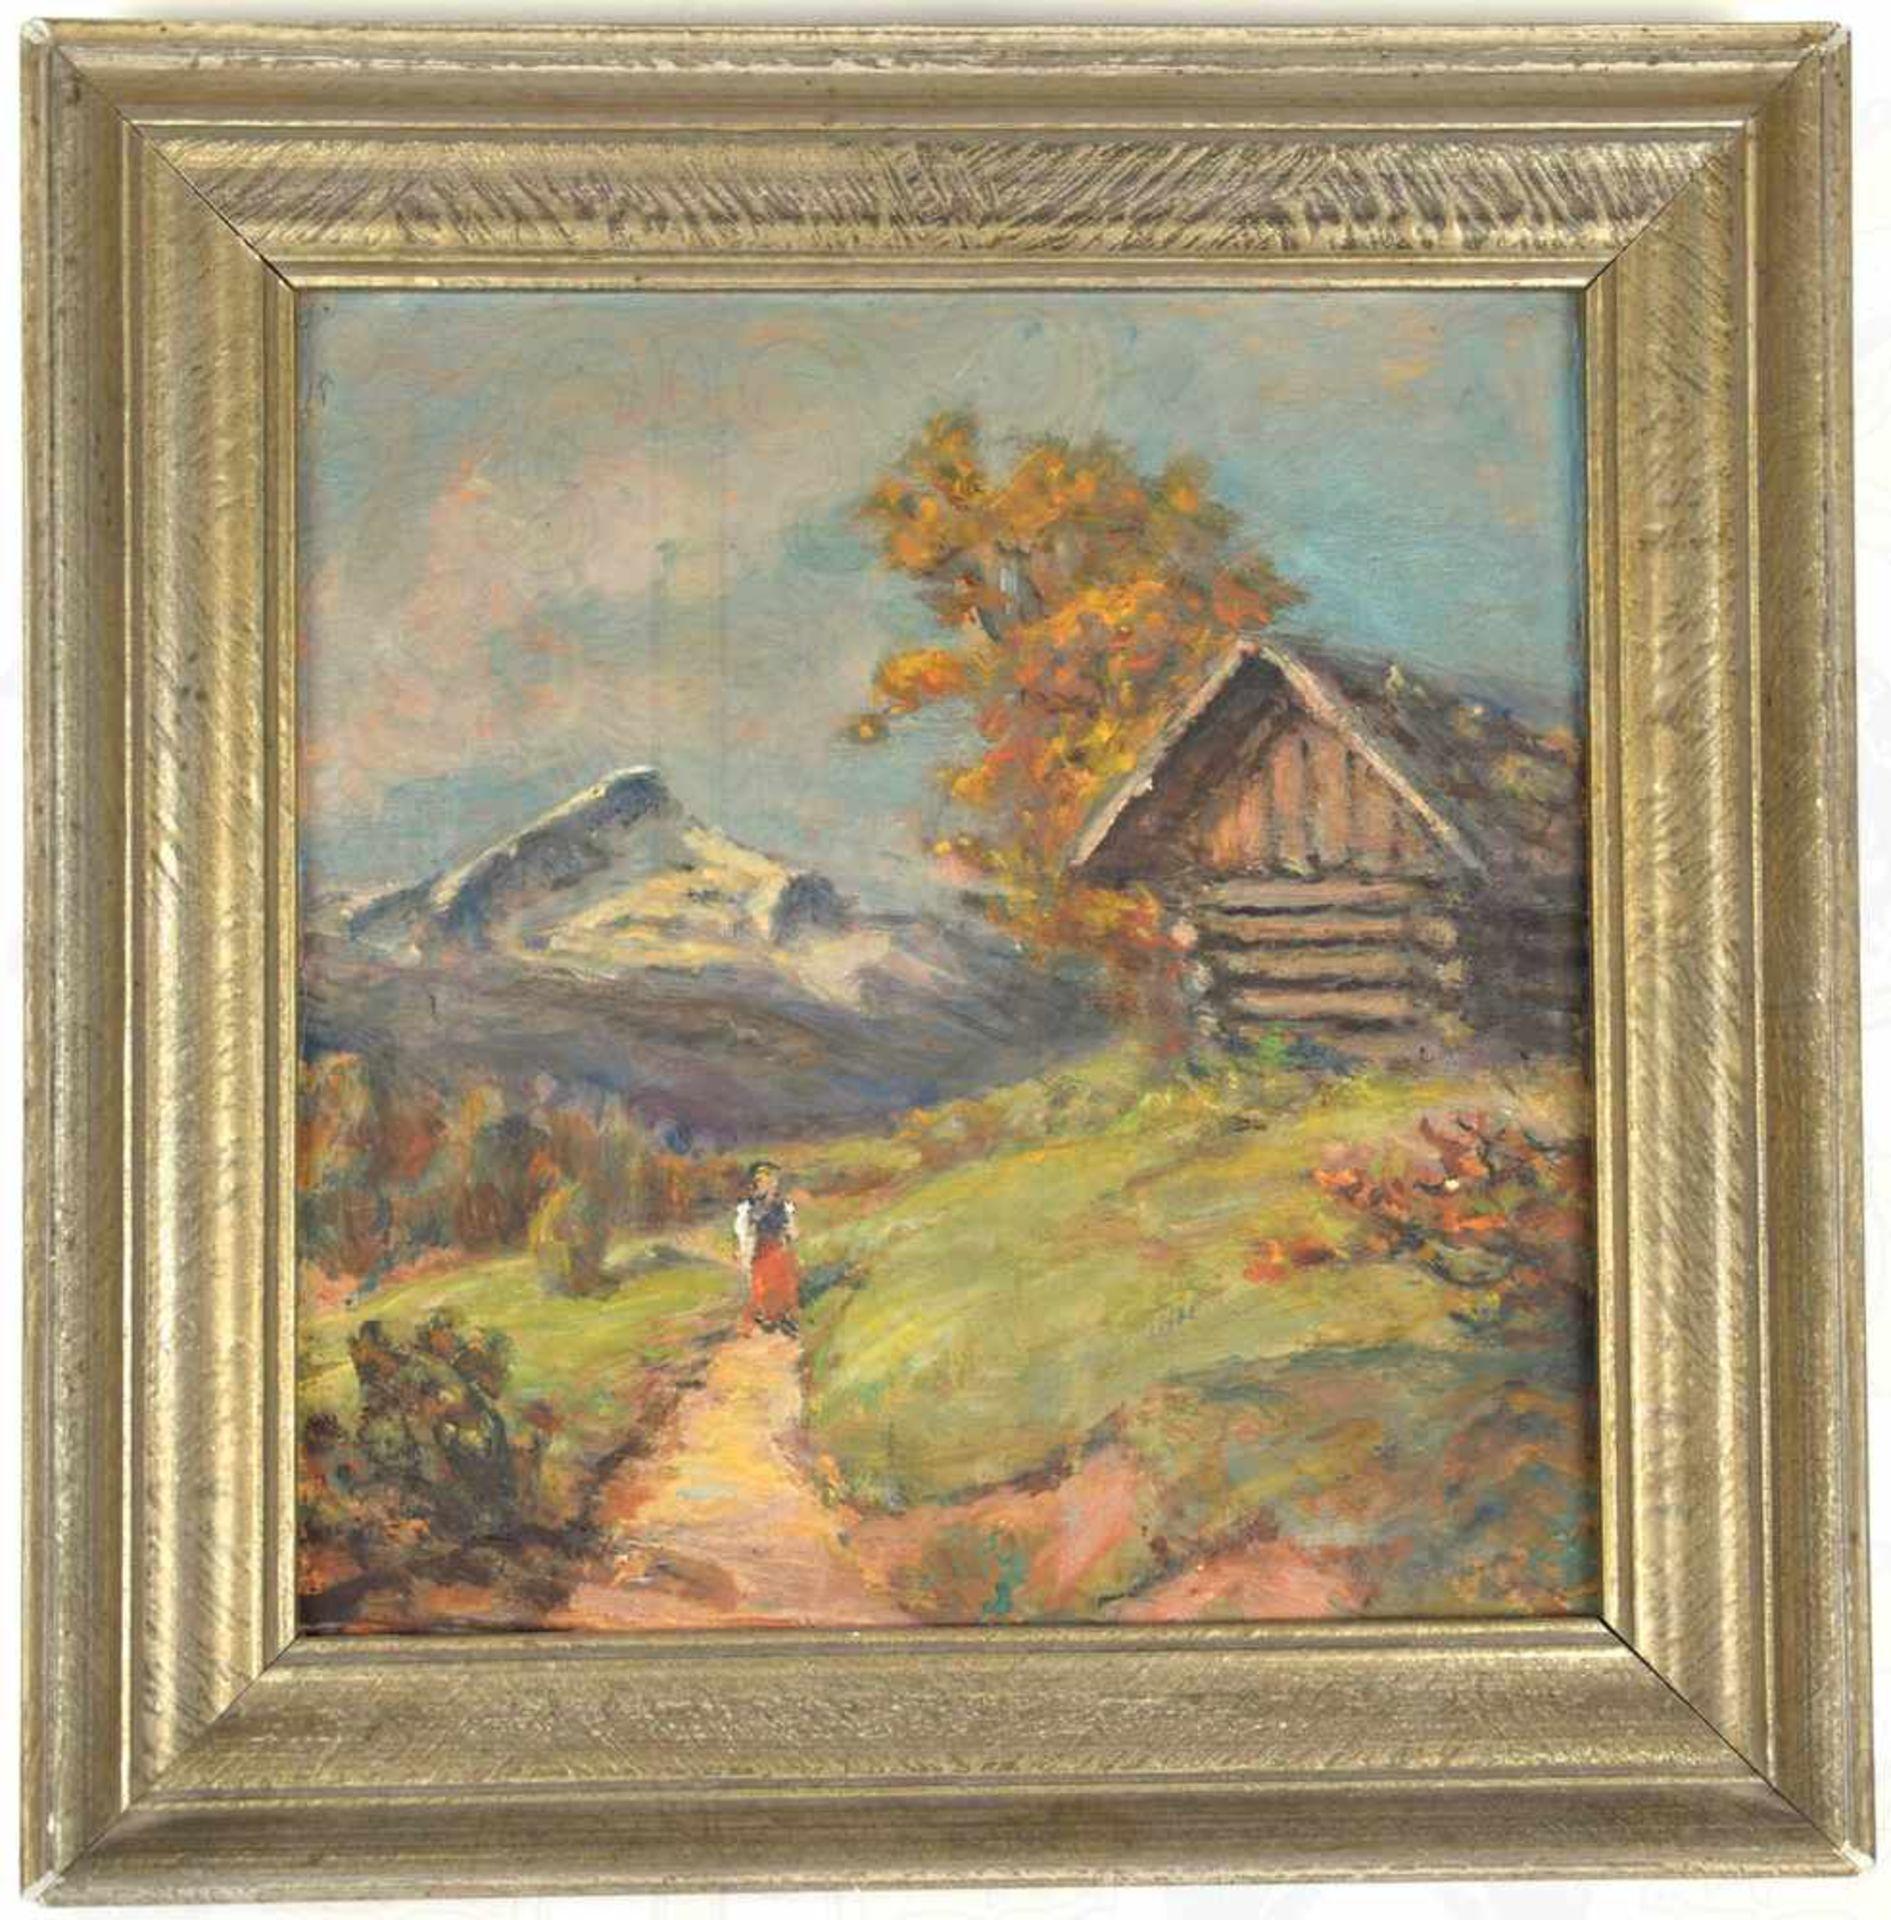 Los 56 - KLEINES GEMÄLDE ALPSPITZE, expressionistisch-realistische Darstellung des Alpspitz-Massivs im